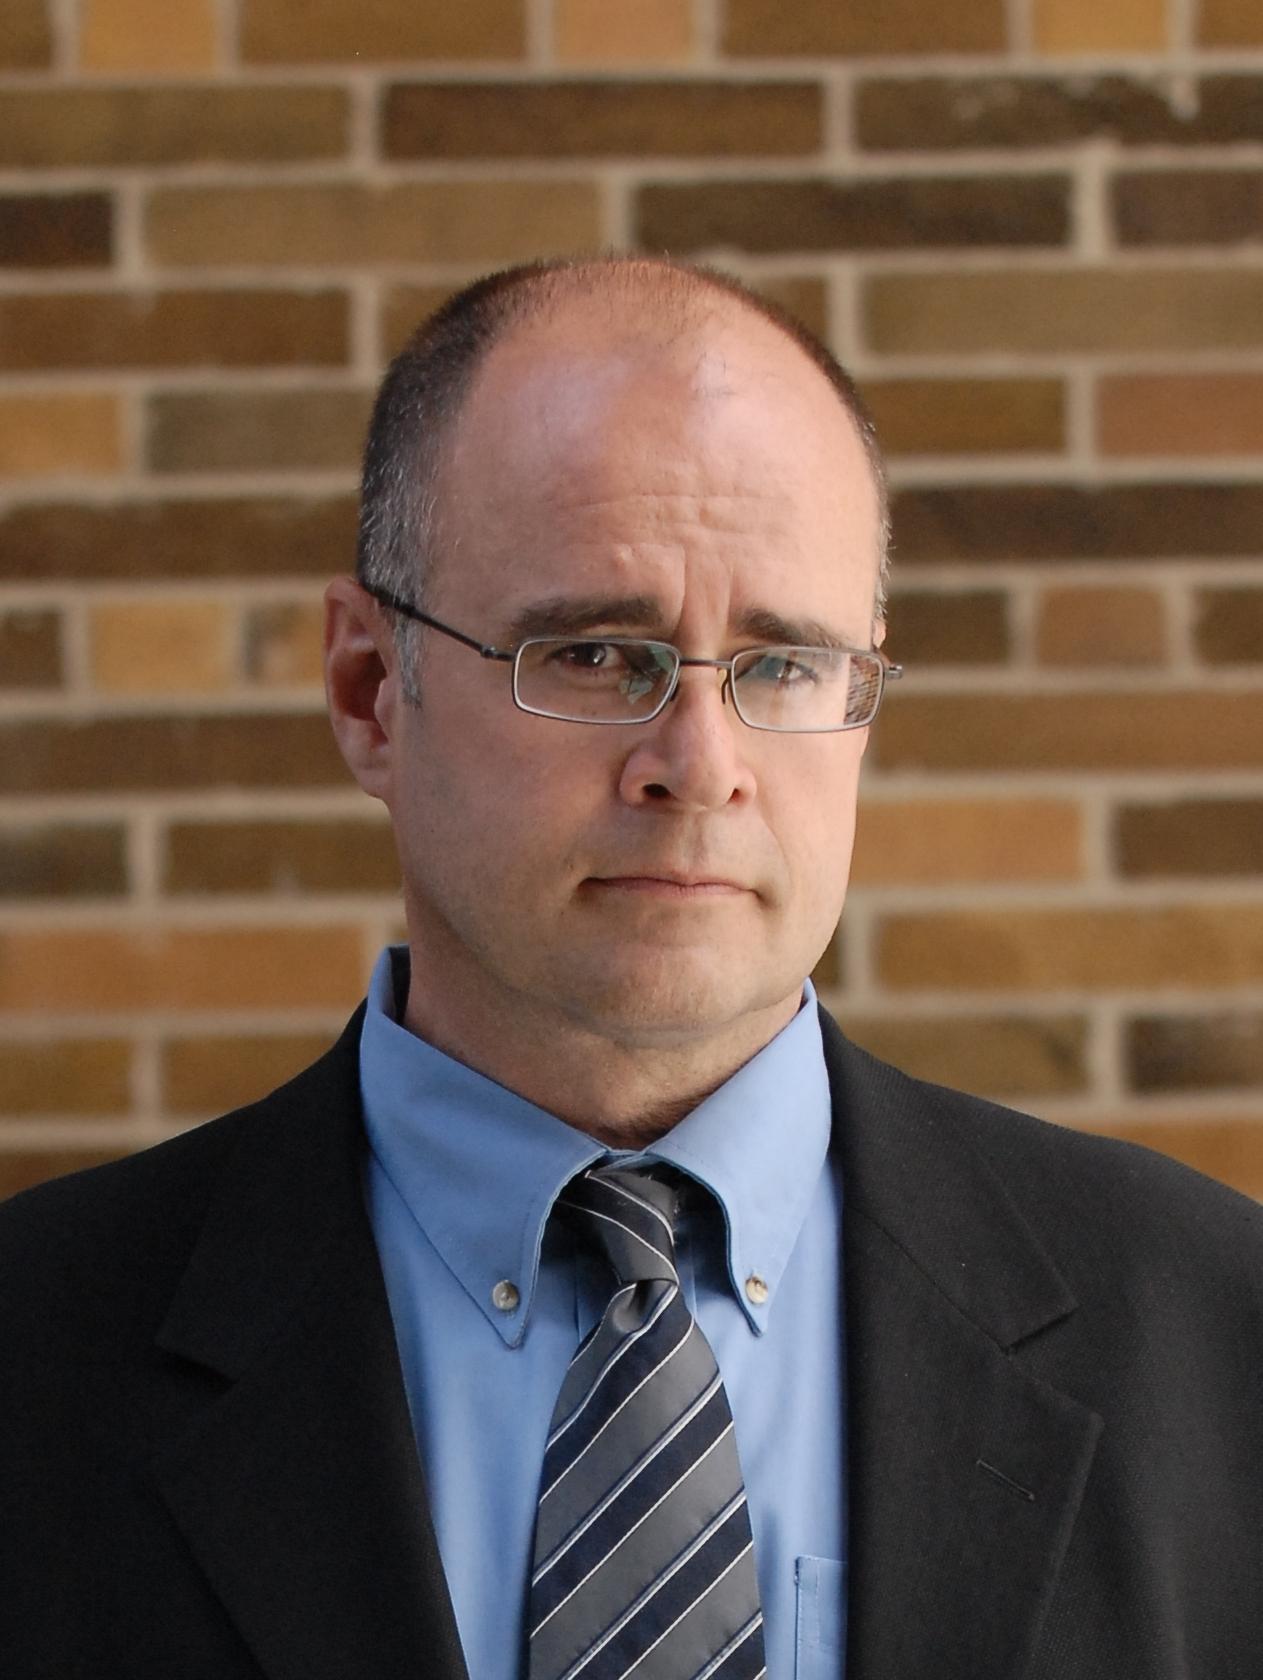 Dr. Ken Evans